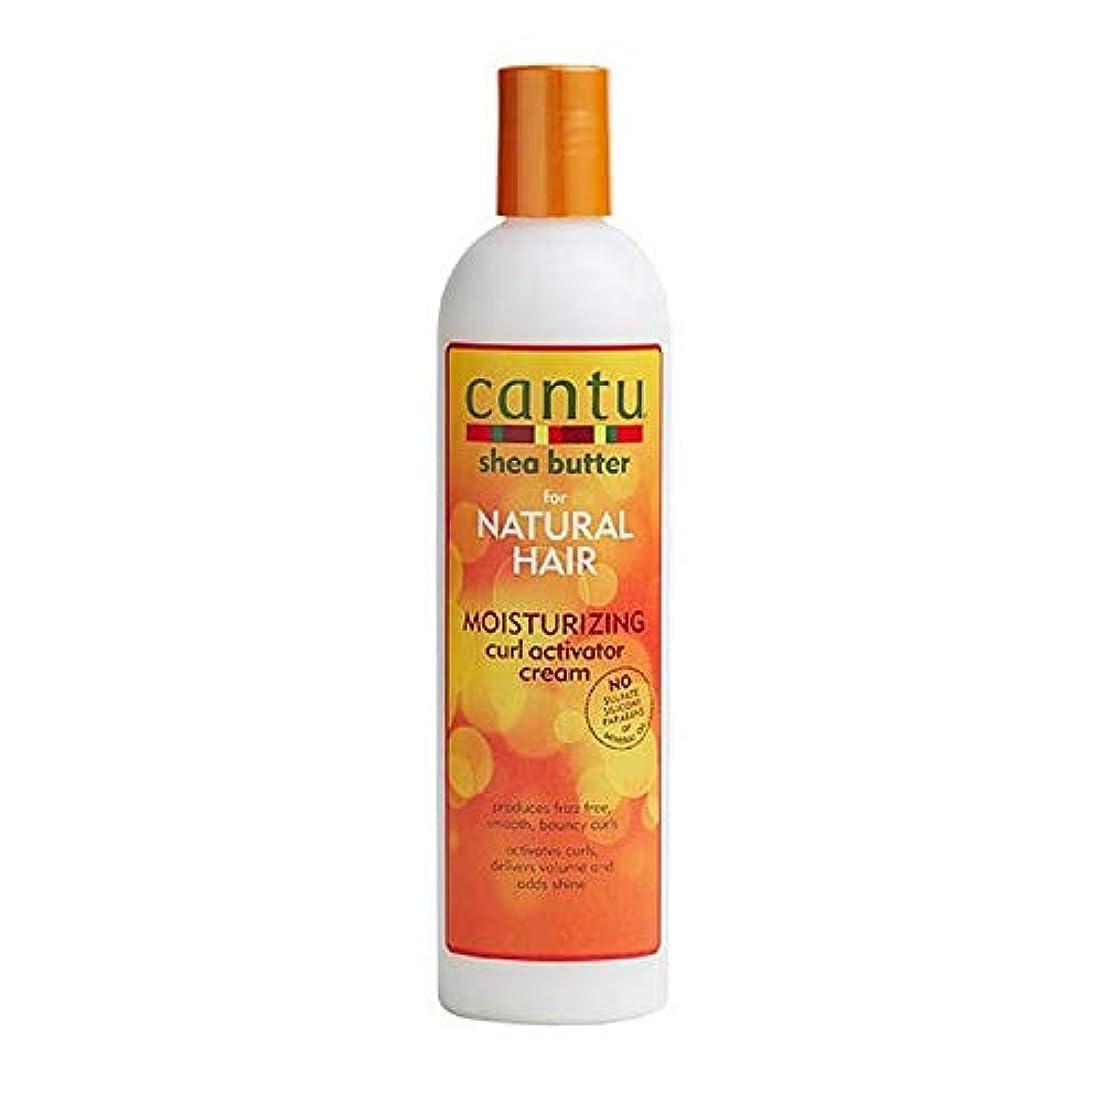 ページぶどうブリリアント[Cantu ] カールアクチベータークリーム355ミリリットル保湿カントゥ自然な髪 - Cantu Natural Hair Moisturizing Curl Activator Cream 355ml [並行輸入品]